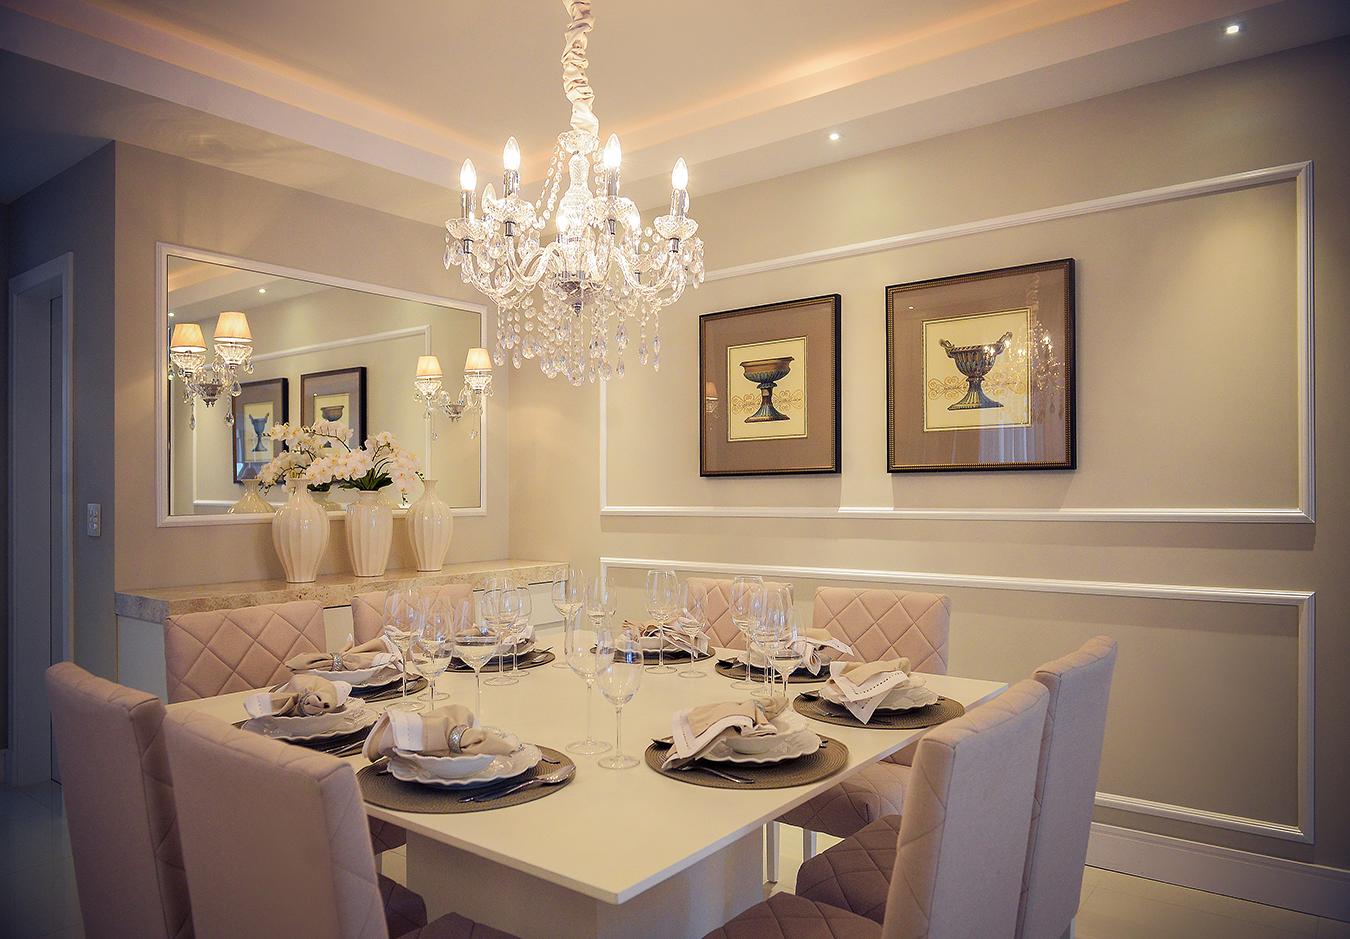 15 Salas De Jantar Com Lustres Cl Ssicos Veja Ambientes Lindos